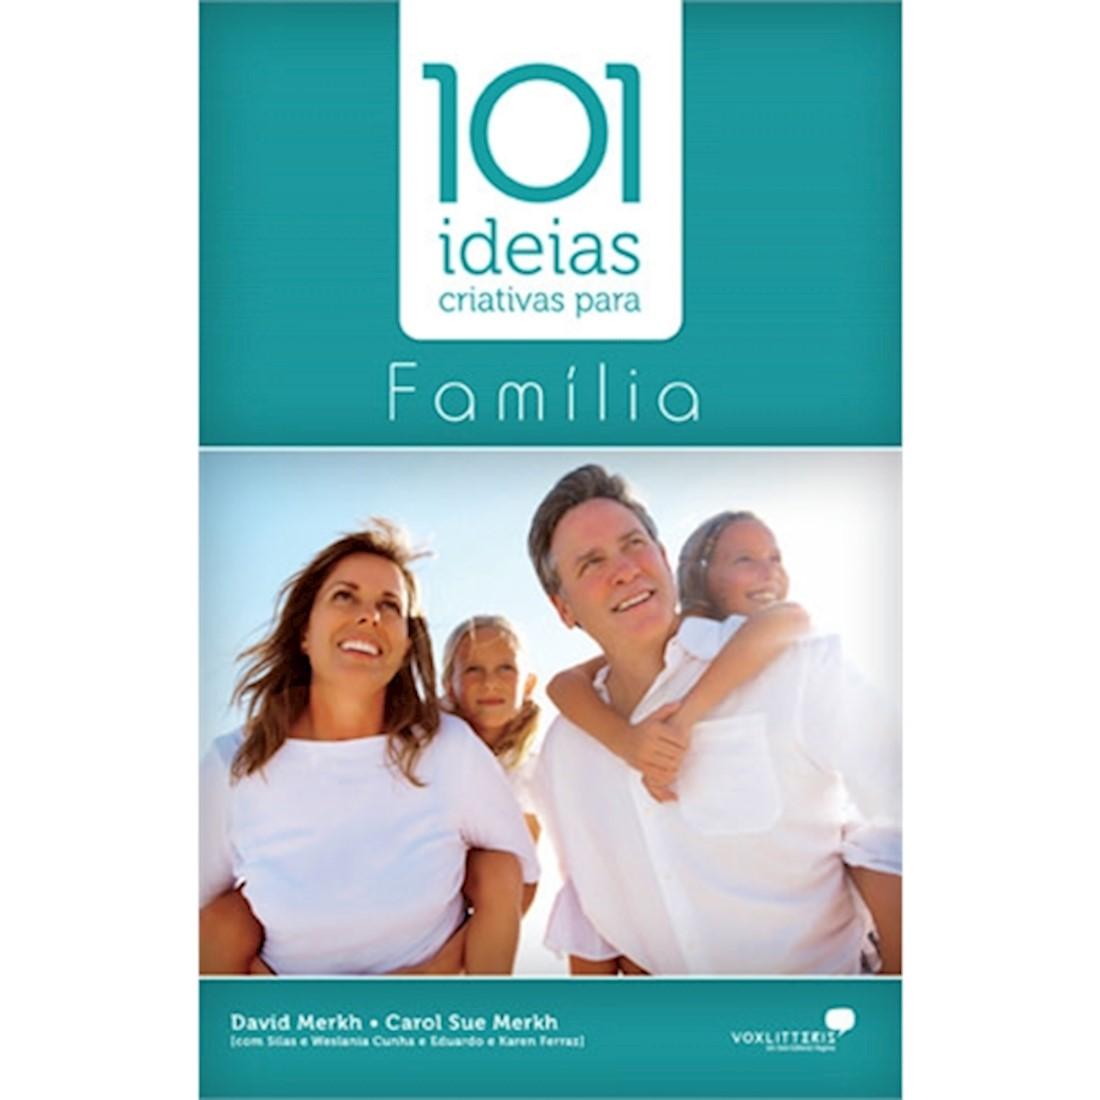 Livro 101 Ideias Criativas para a Família